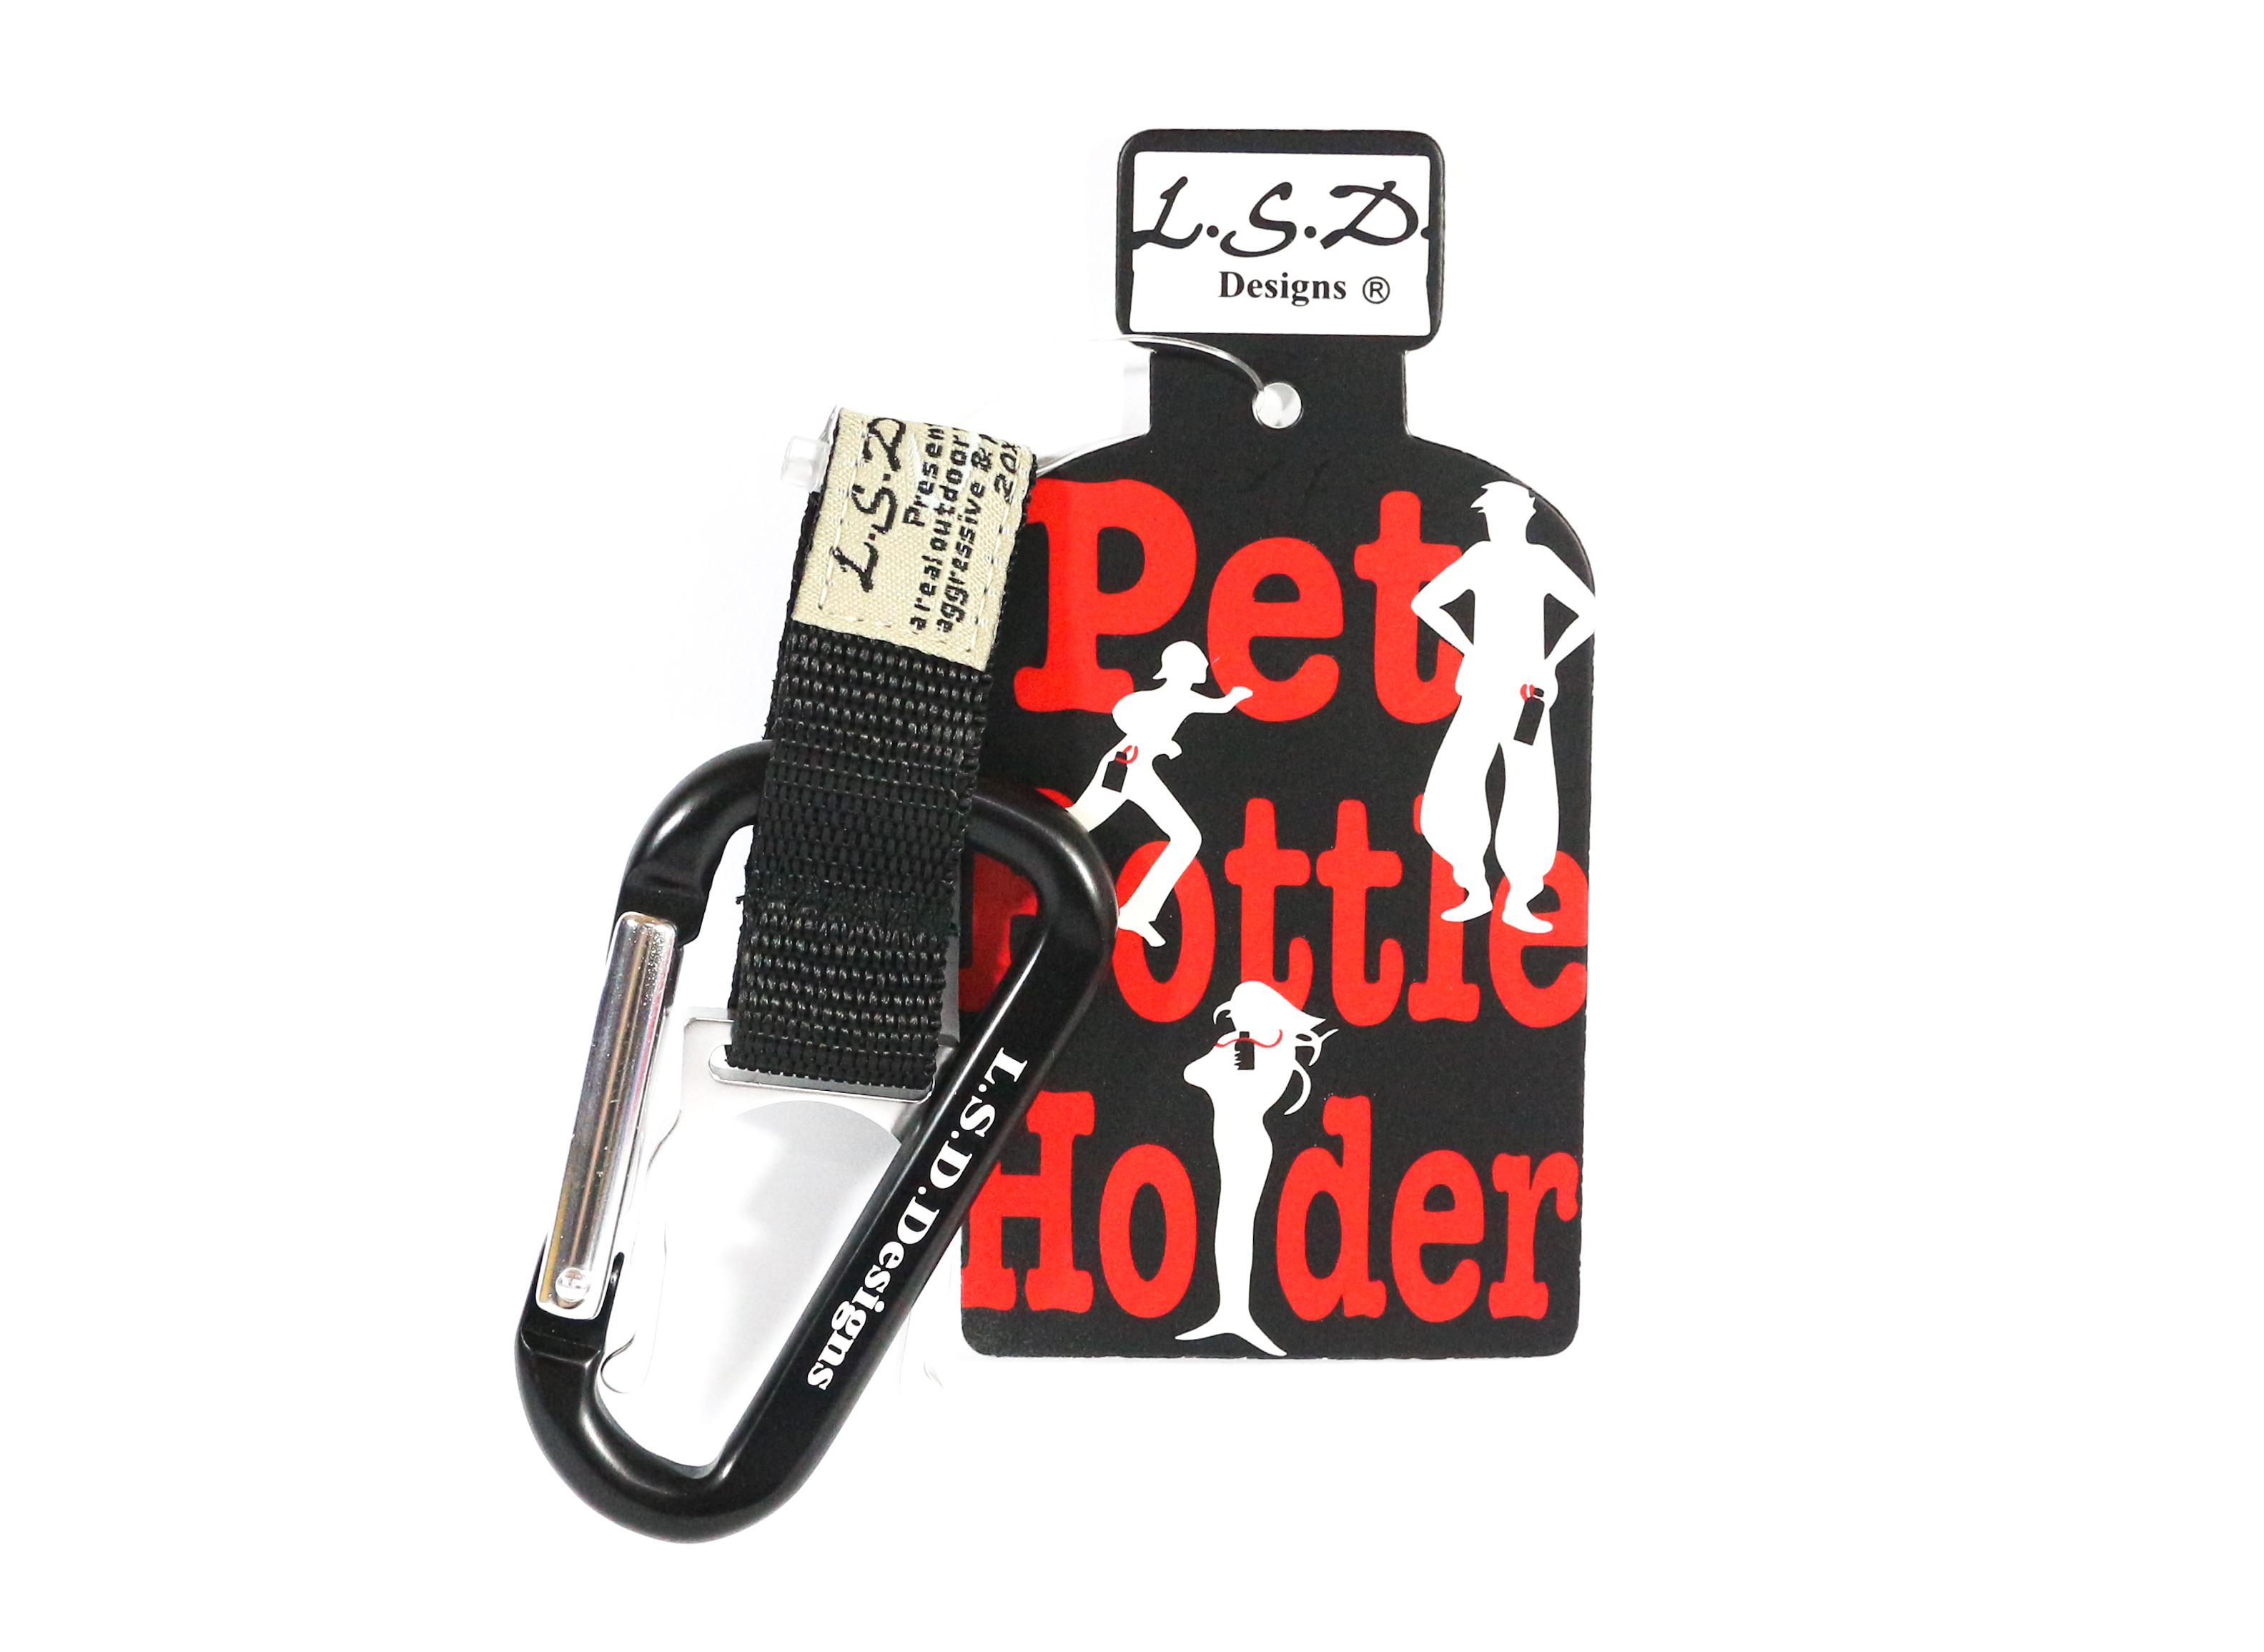 LSD Pet Bottle Holder Carabiner Clip Black (7653)